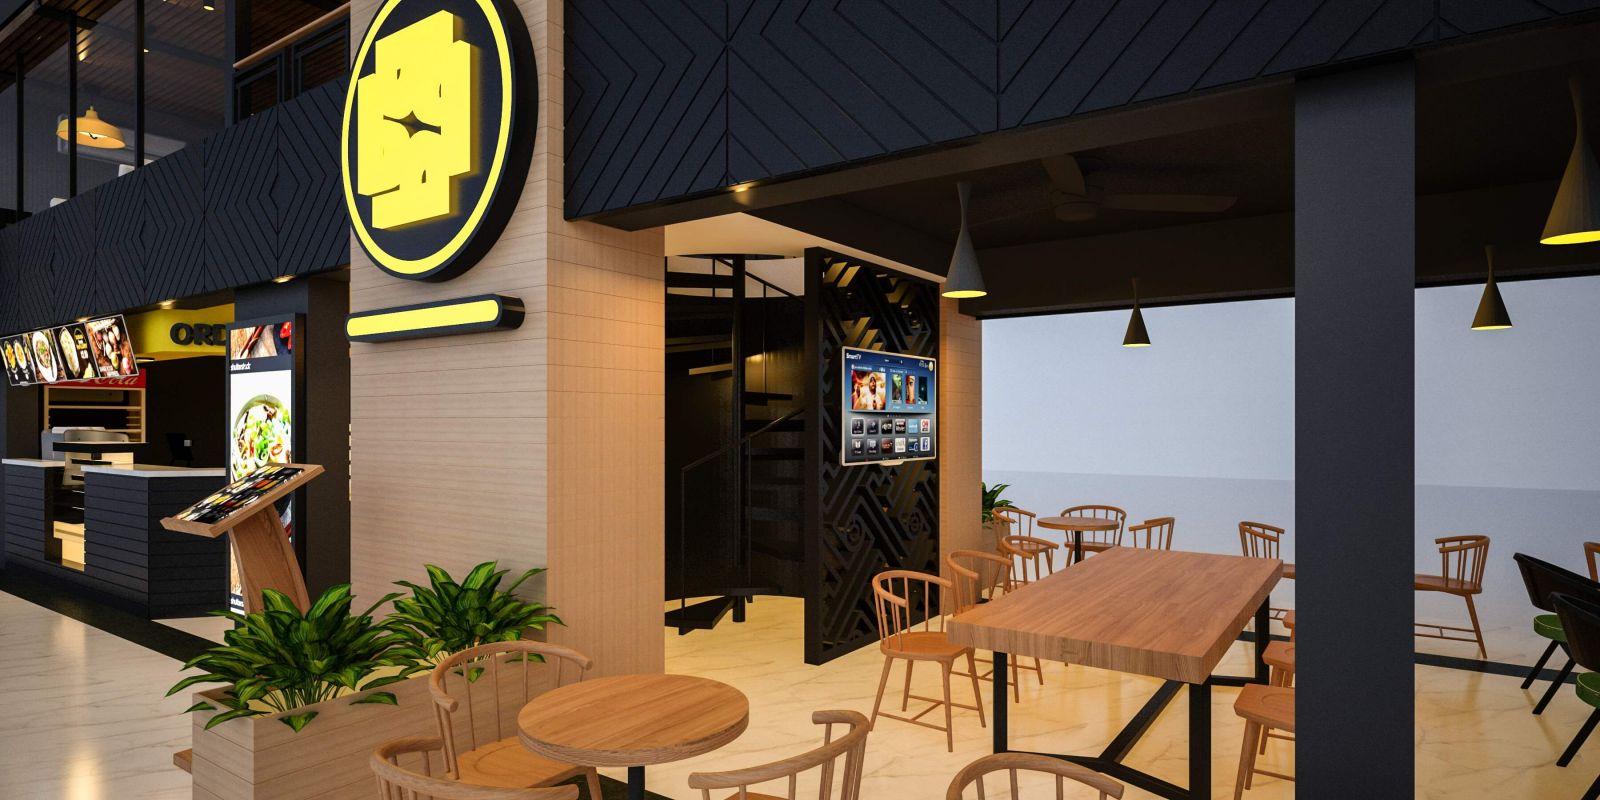 thiết kế nội thất nhà hàng với những bộ bàn ghế gỗ